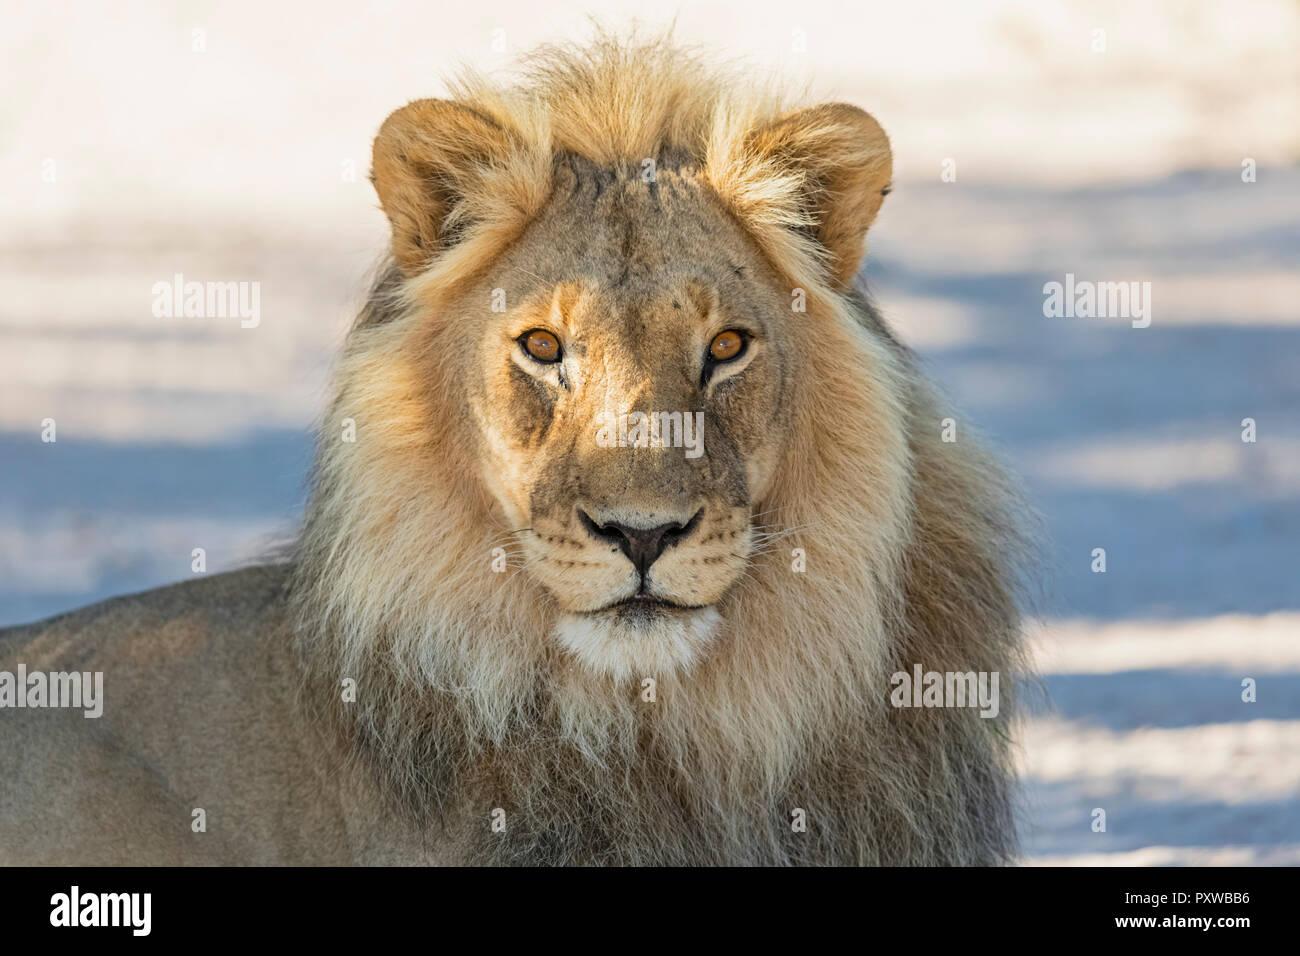 Botswana, Kgalagadi Transfrontier Park, Löwe, Panthera leo, männlich Stockfoto